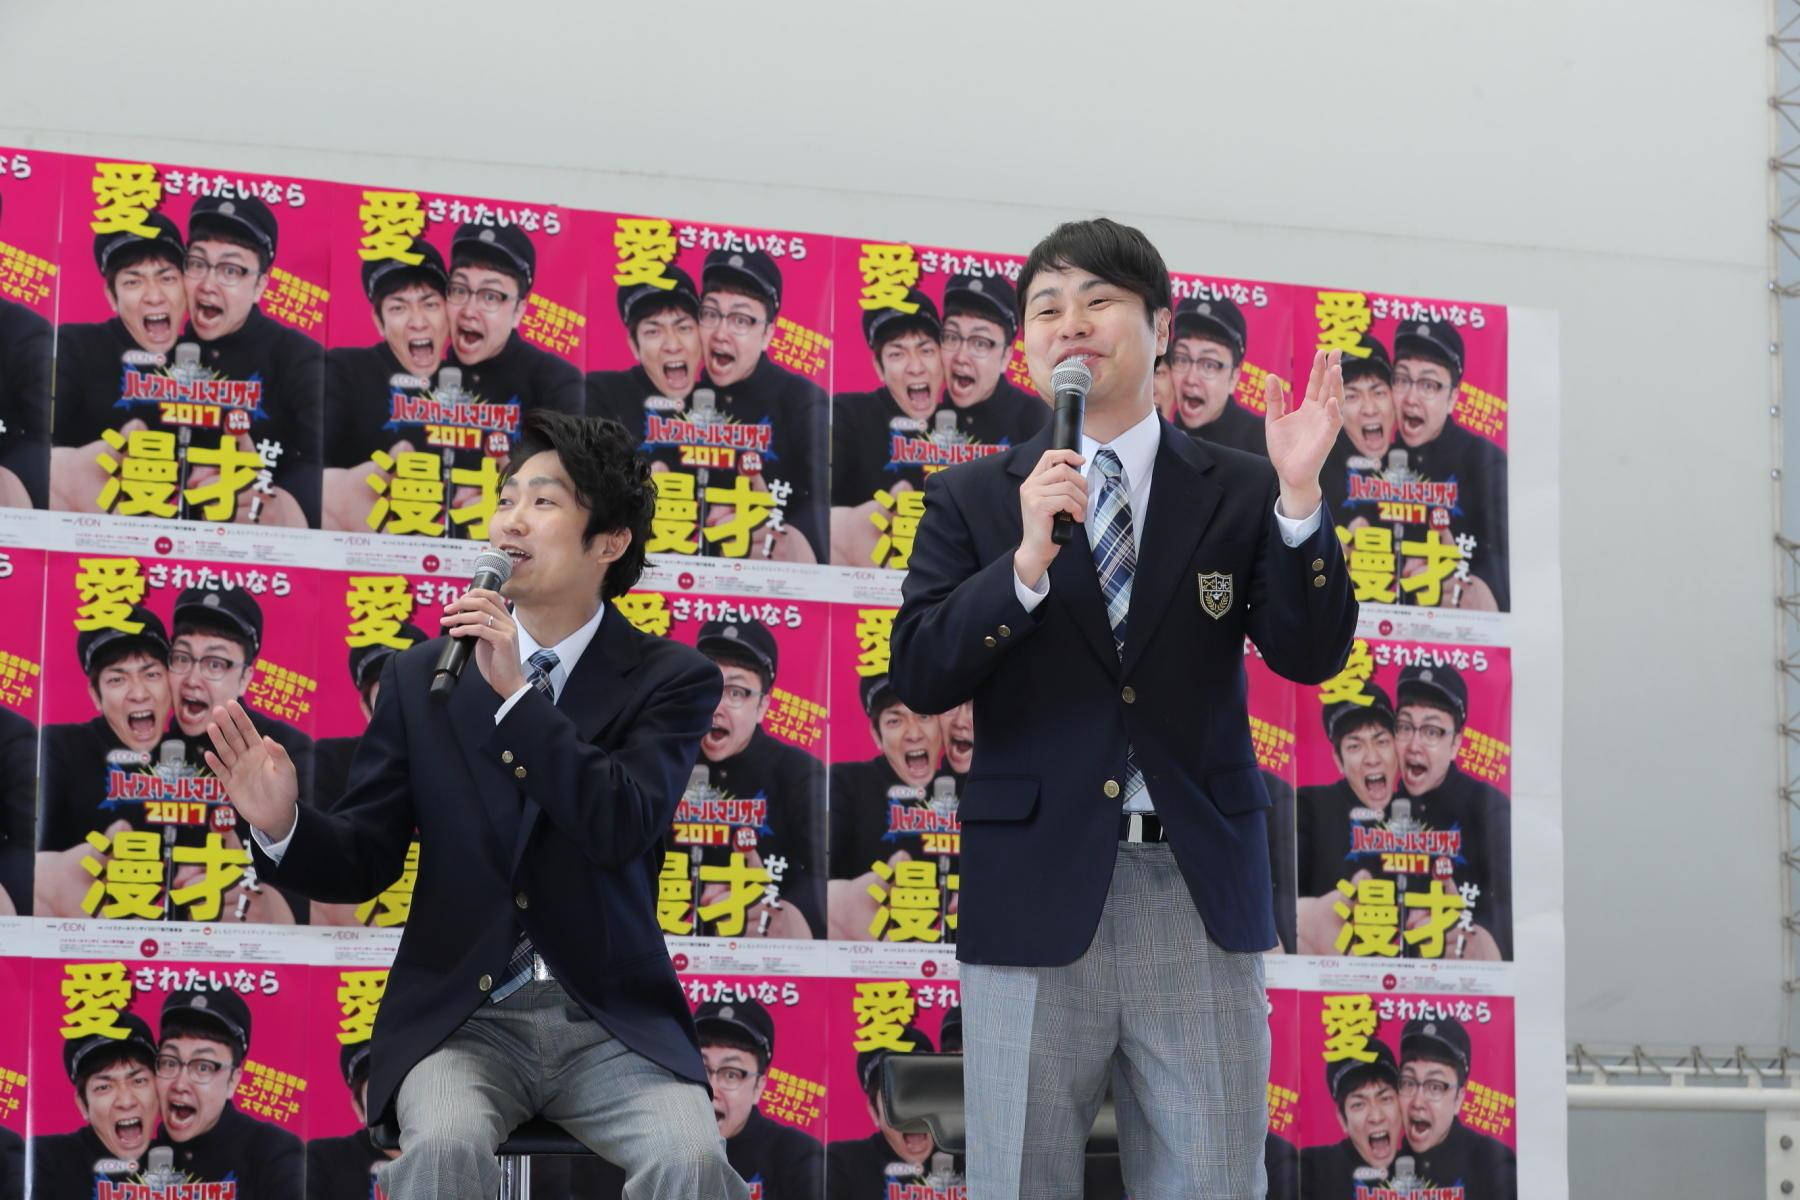 http://news.yoshimoto.co.jp/20170413154305-7947aeb782a2ae0af0cd5e15f4b9dadf557bb9b7.jpg